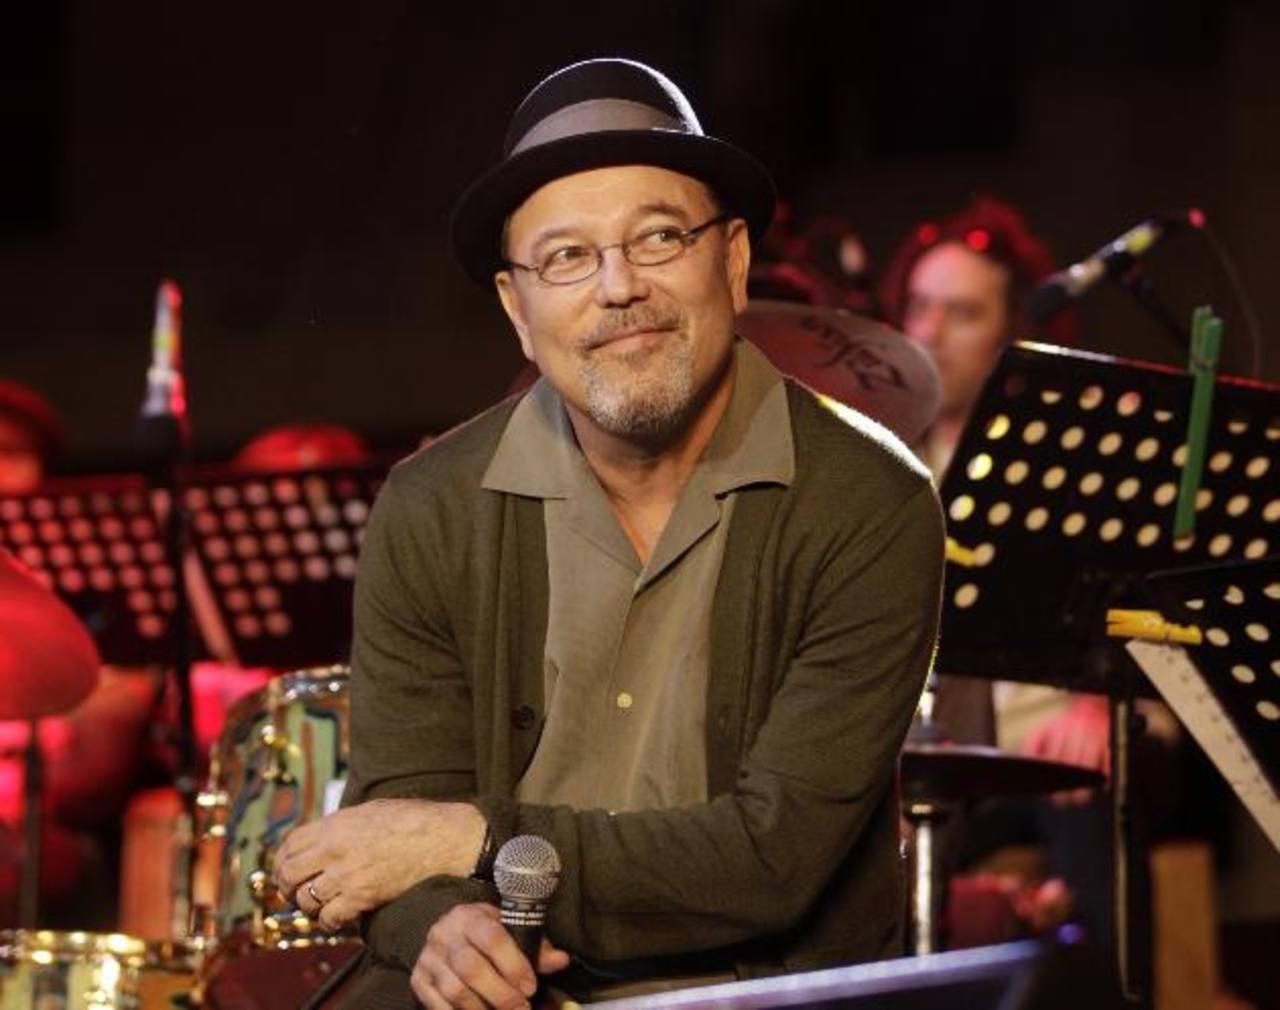 El compositor Rubén Blades participa en la 10a edición del Festival de Jazz de Panamá, en la Ciudad de Panamá.